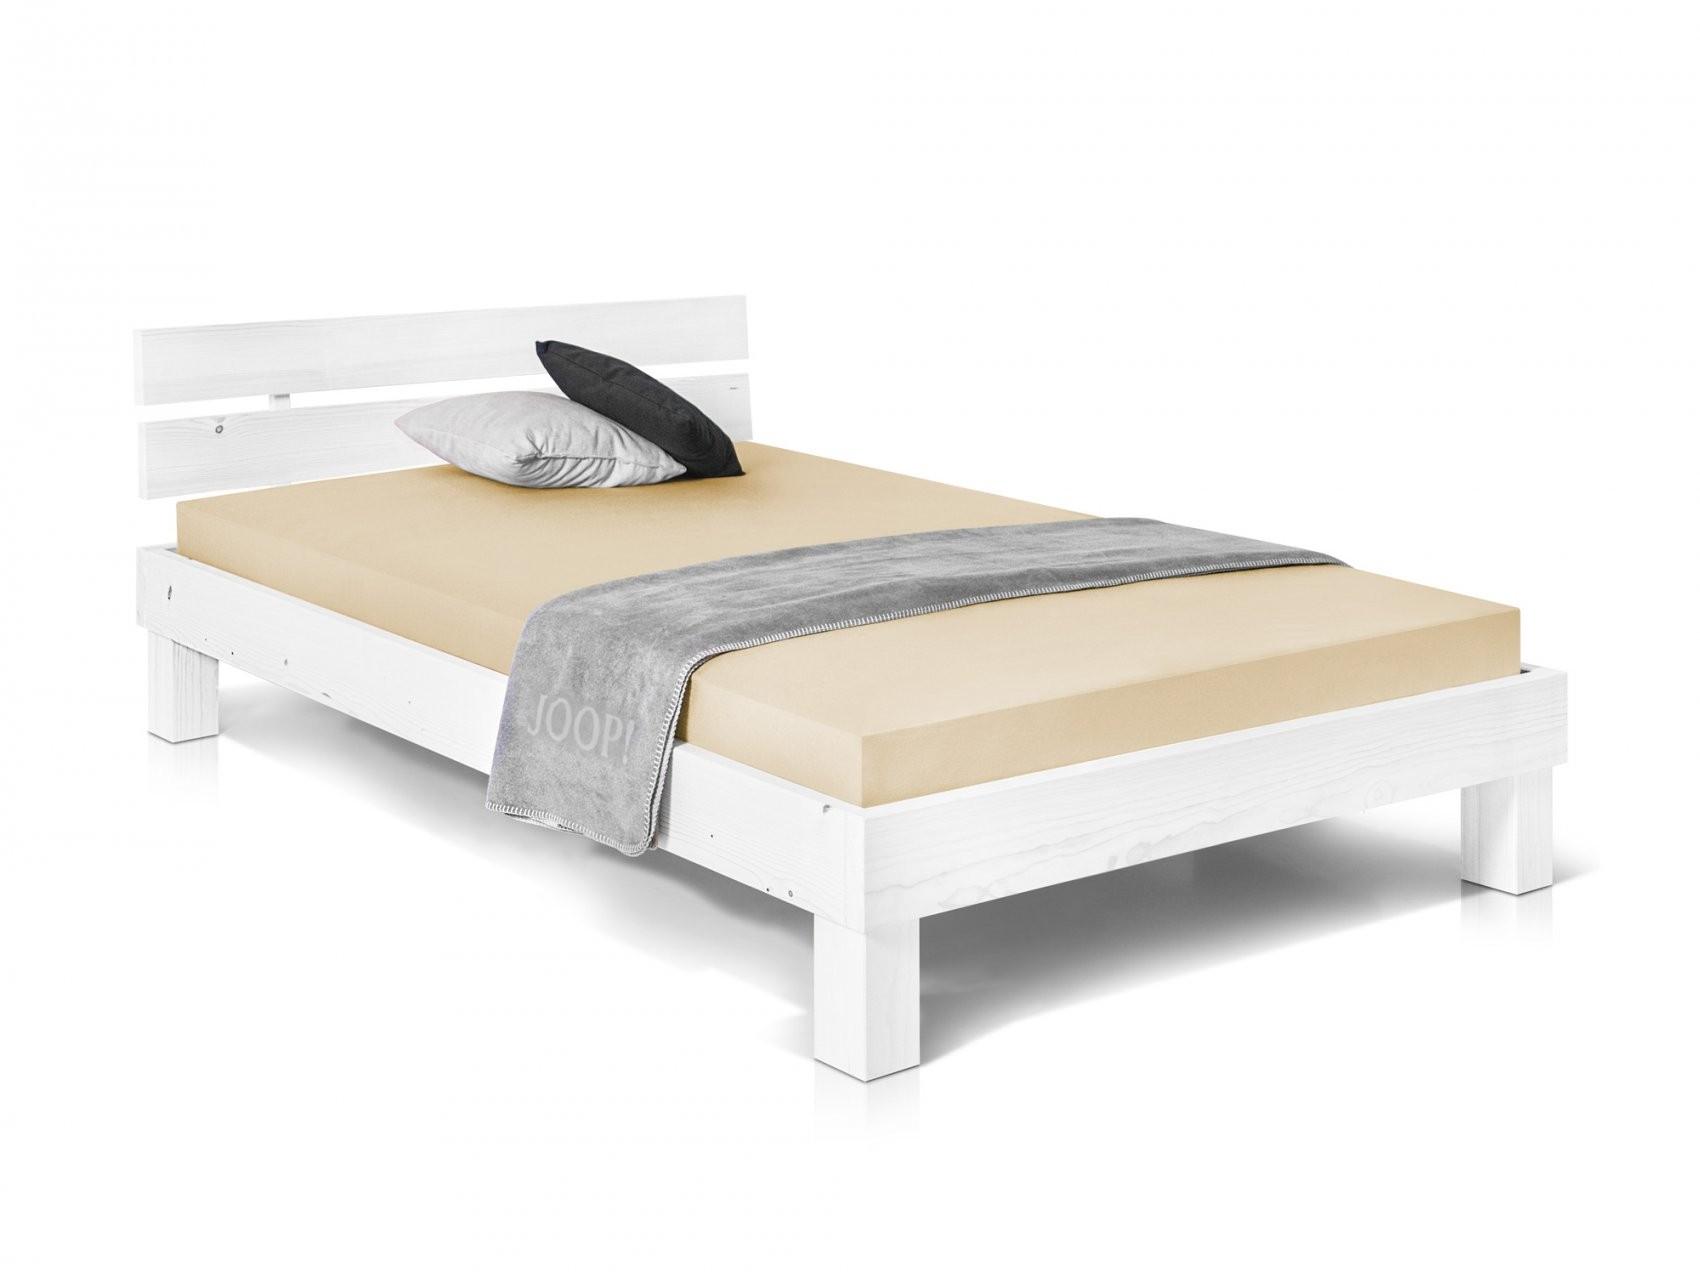 Pumba Singlebett Bett Futonbett 120X200 Fichte Massiv Weiß Weiss von Bett Holz 120X200 Bild